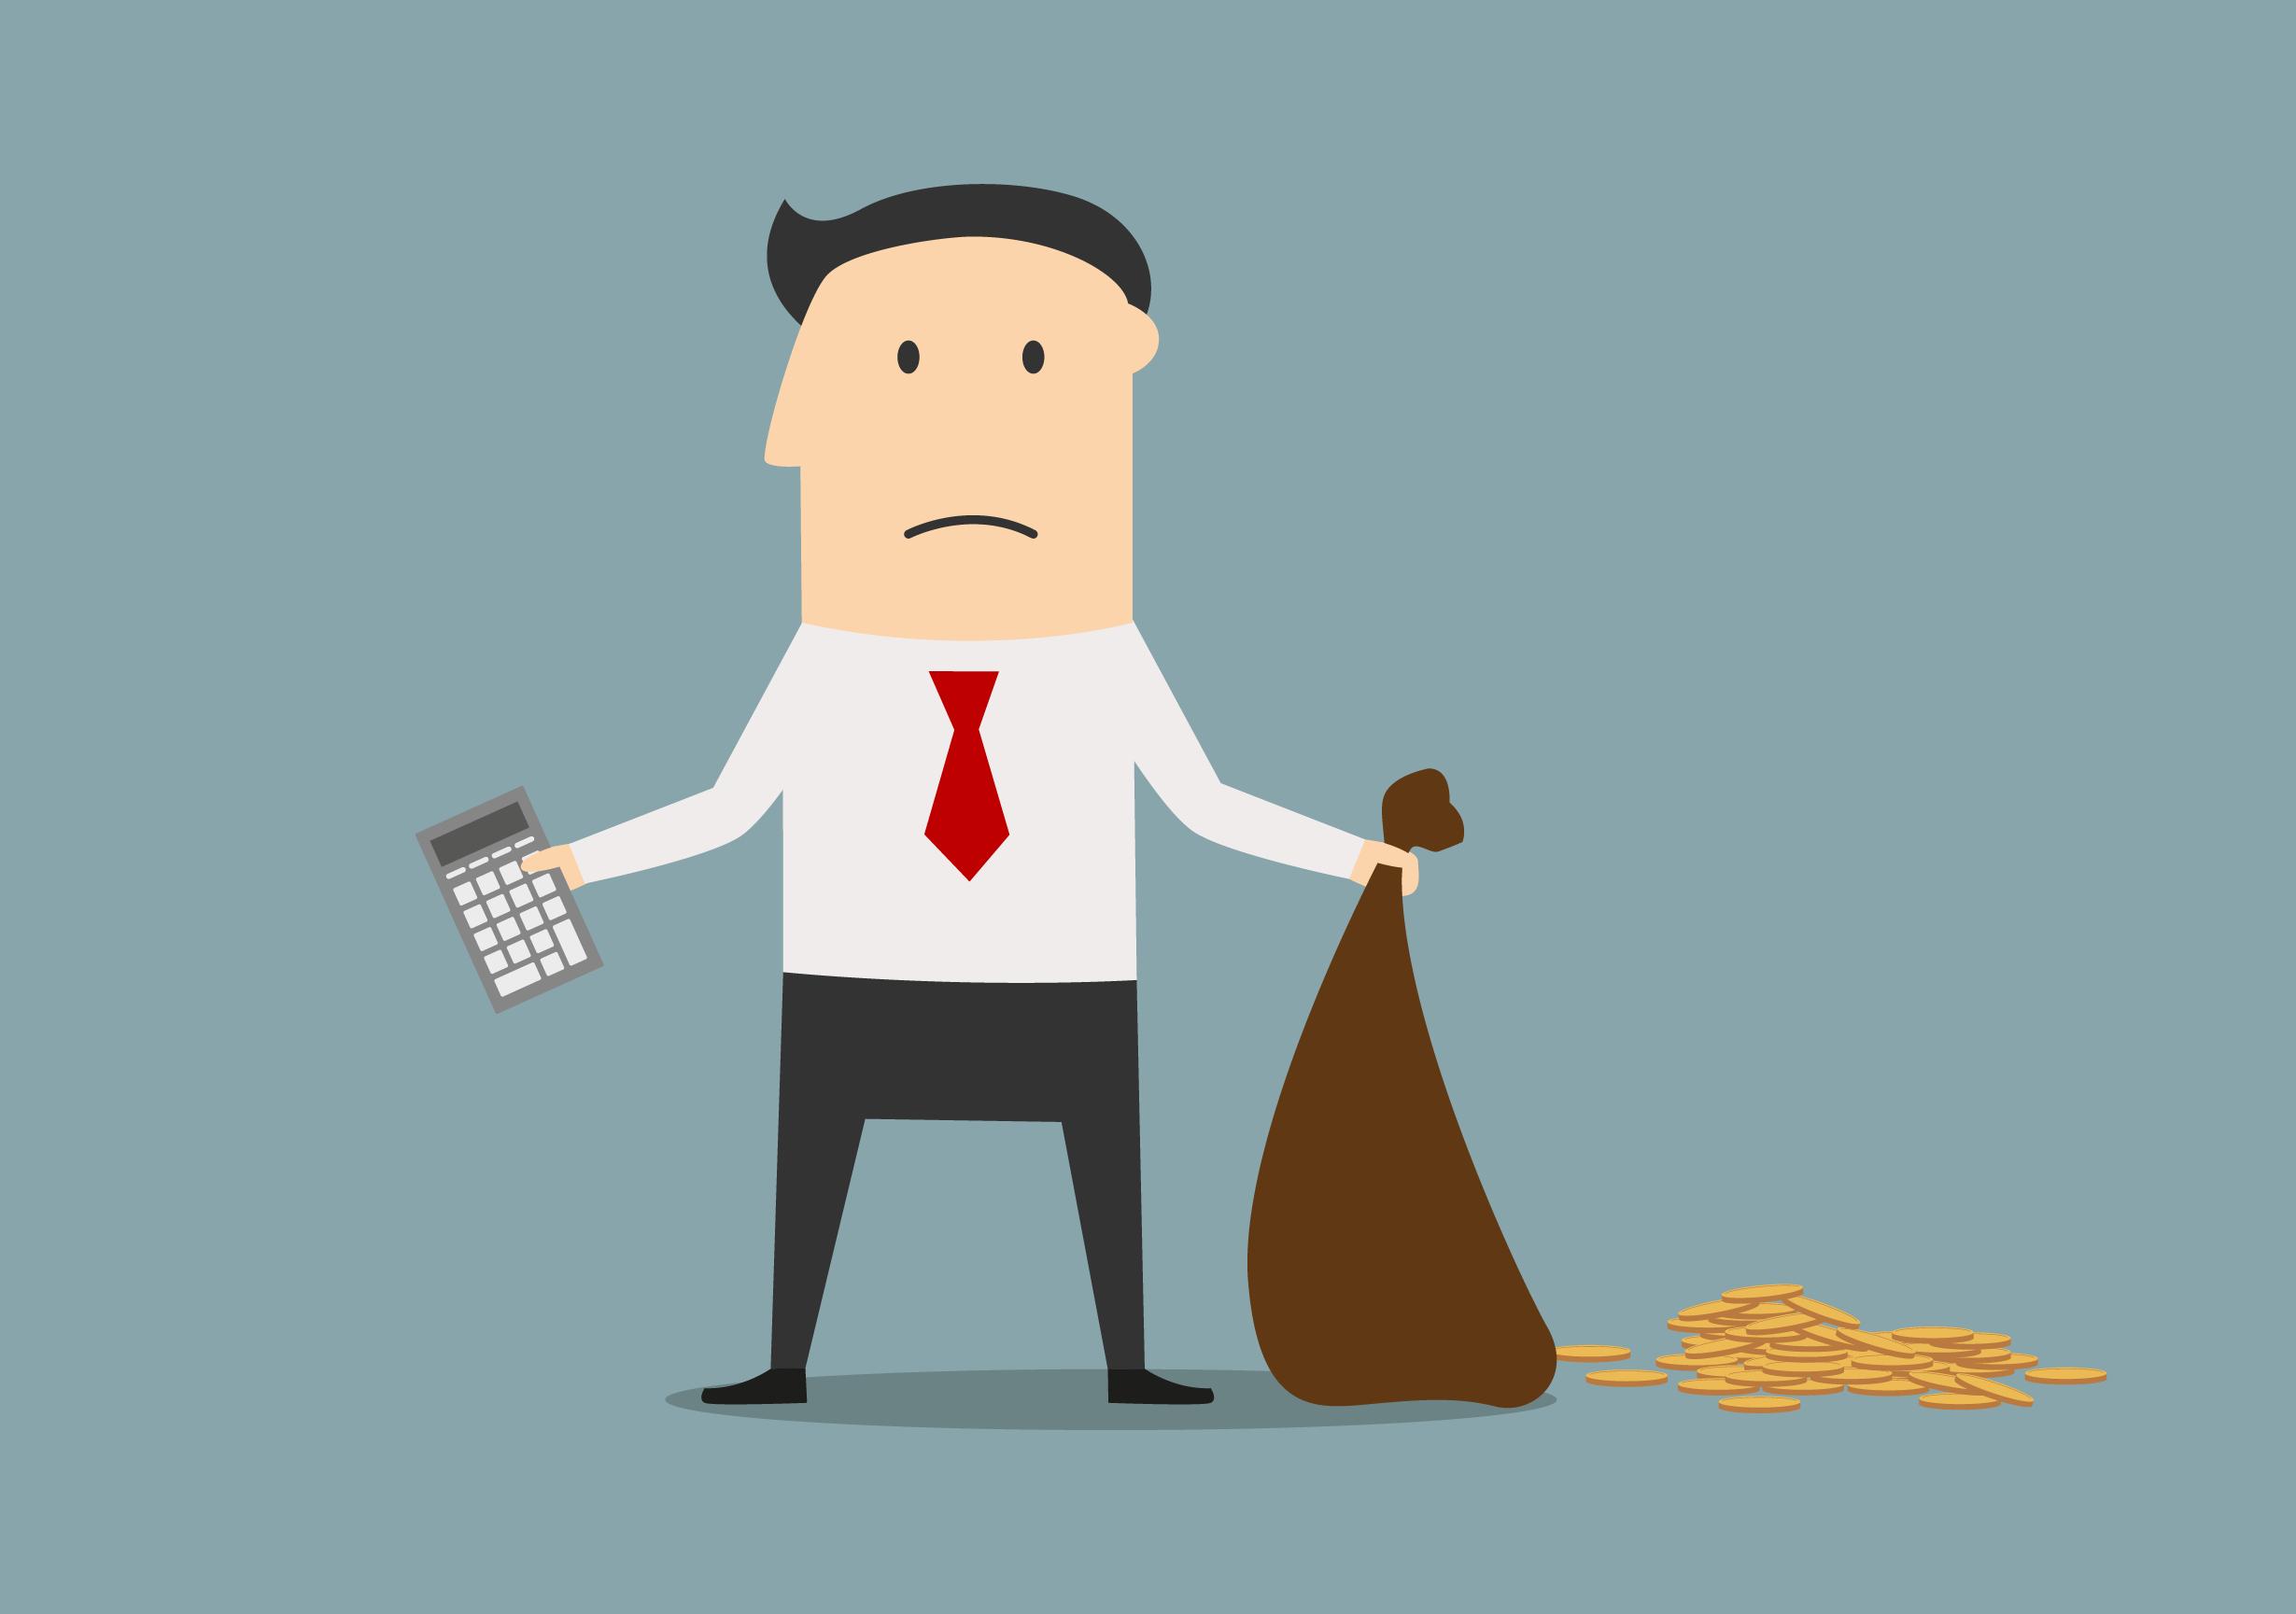 Kontokorrentkredit: Finanzielle Engpässe überwinden